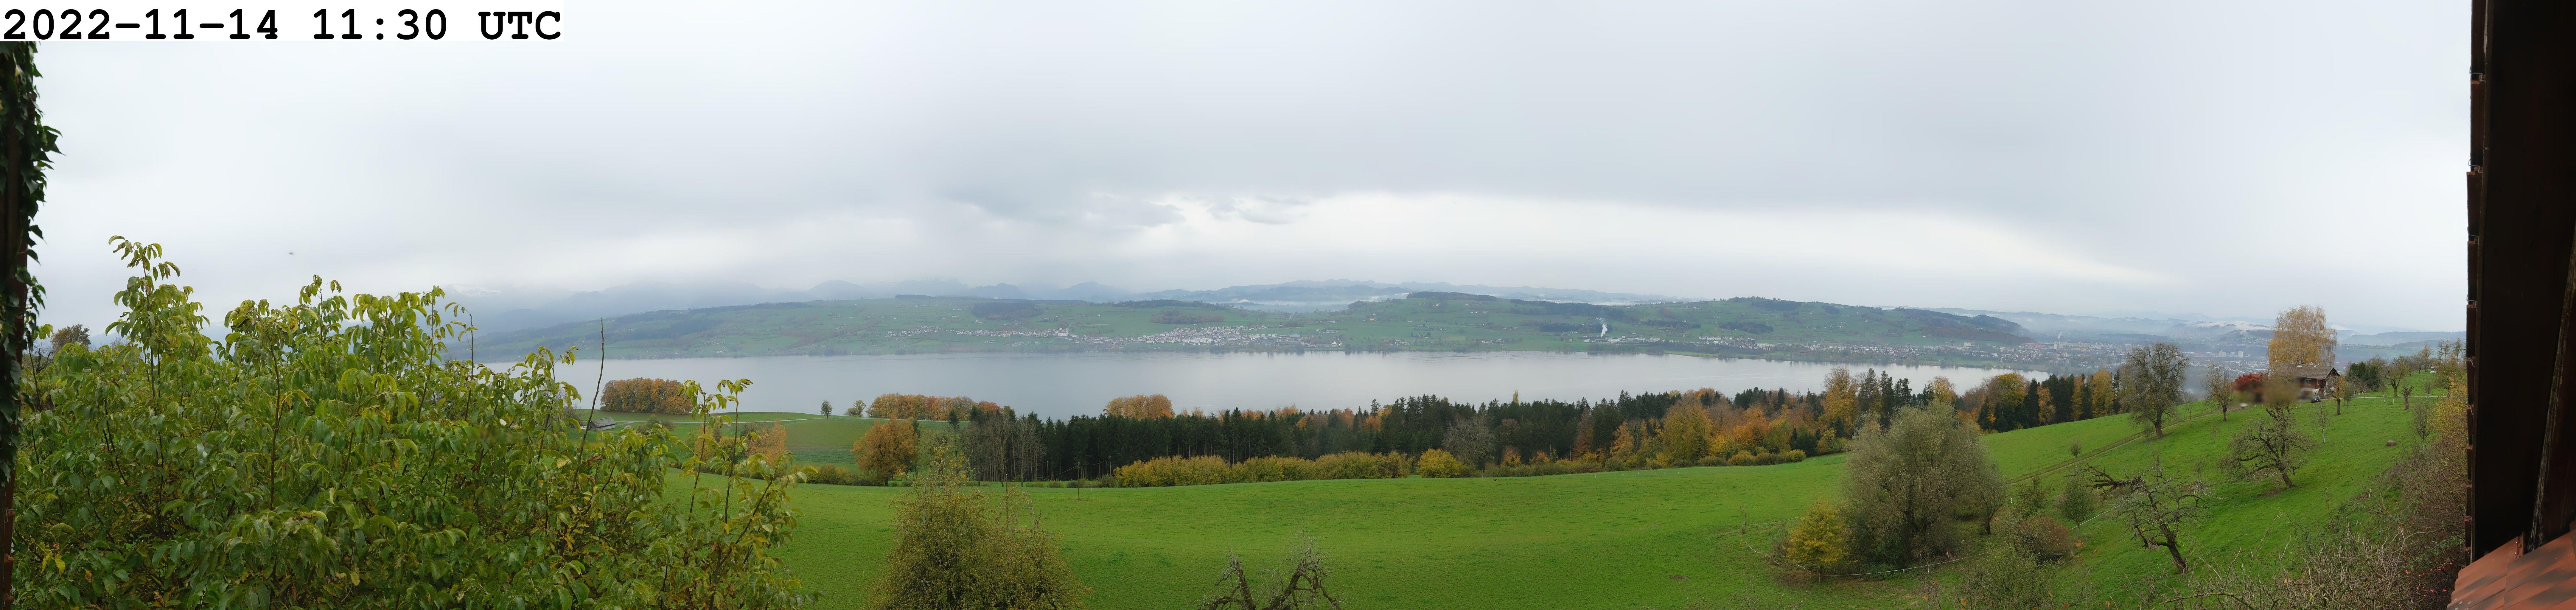 Eich: Schenkon